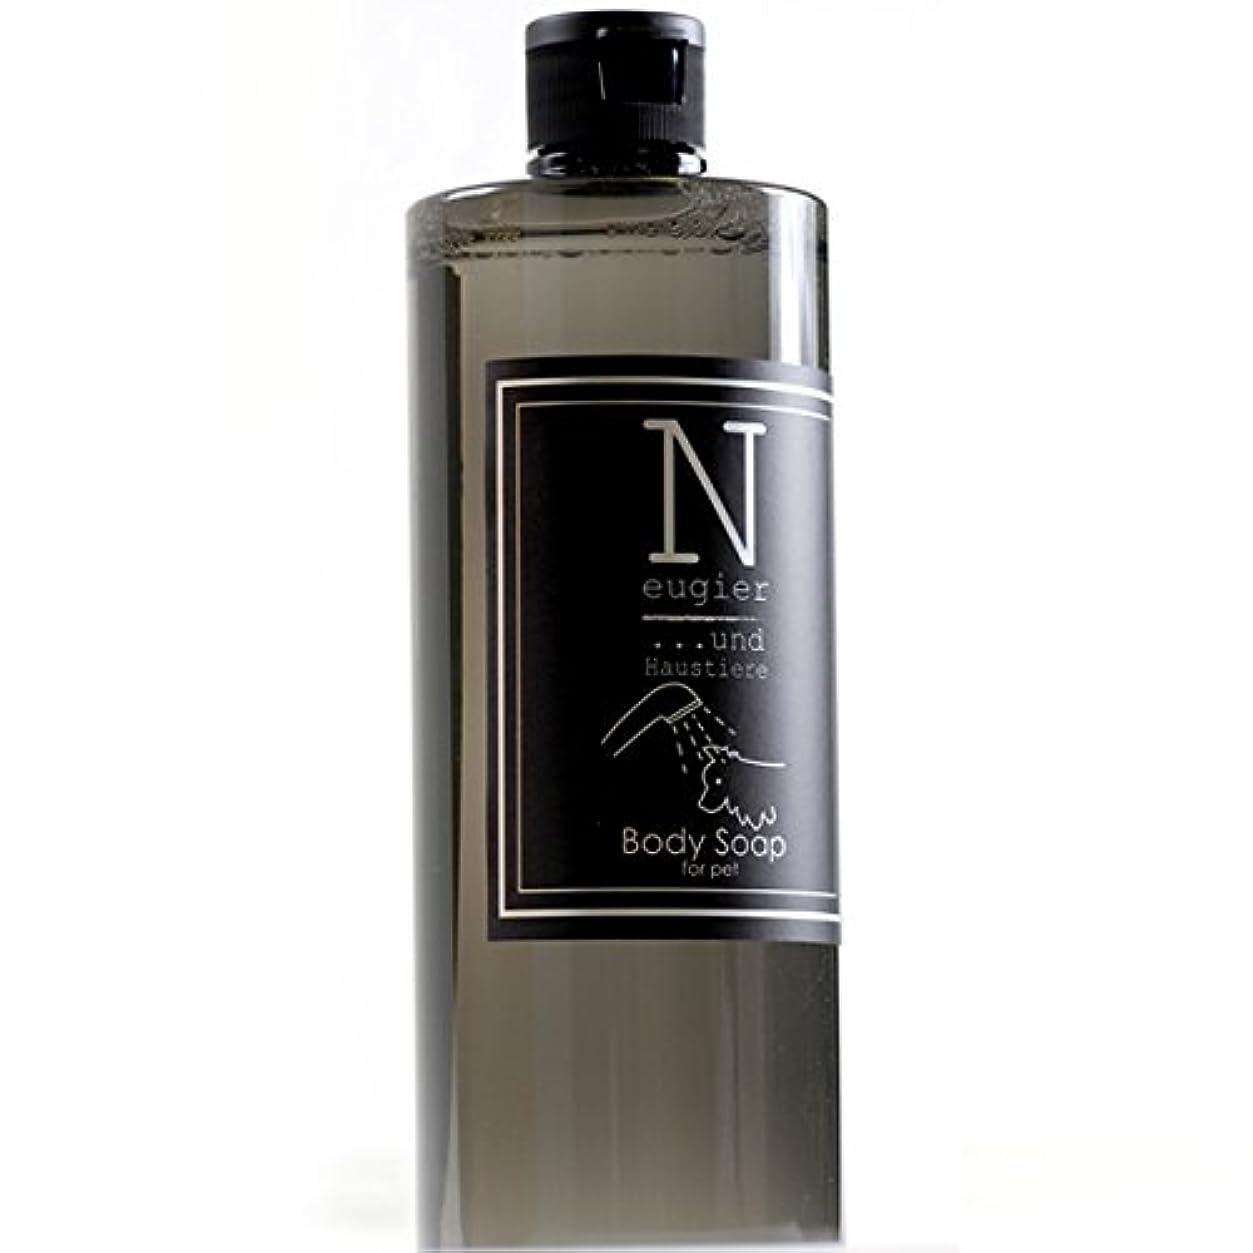 レールロッジ特殊Neugier ケアシリーズ body Soap (ボディーソープ/ペットシャンプー) (500)